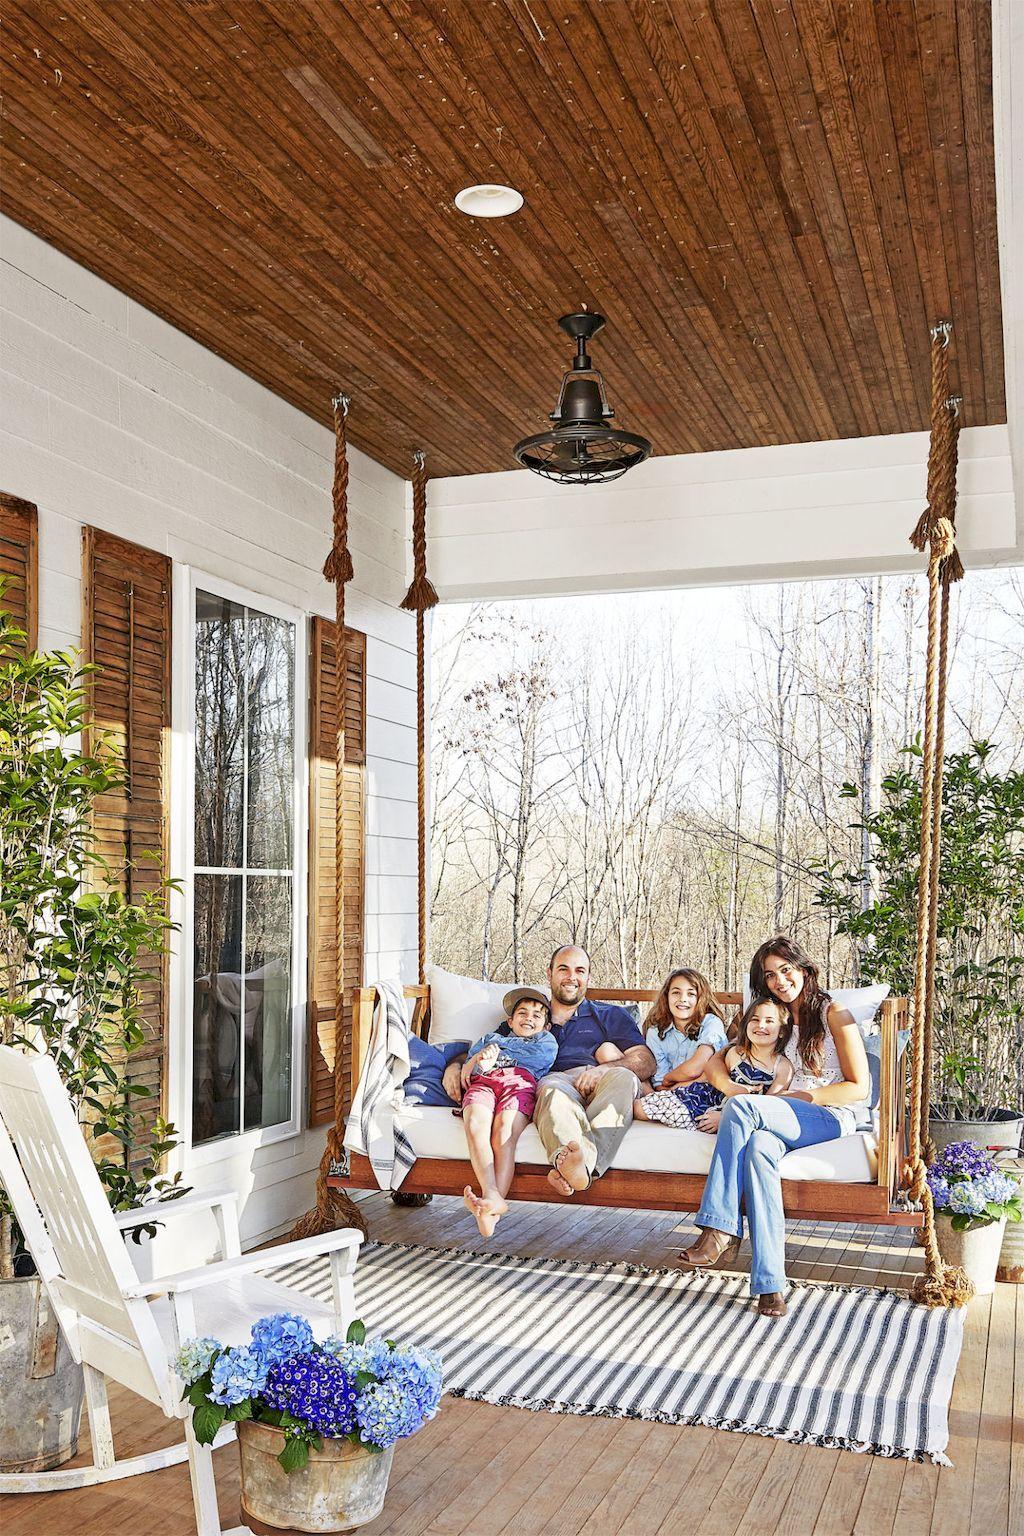 55 DIY Farmhouse Porch Decor Ideas